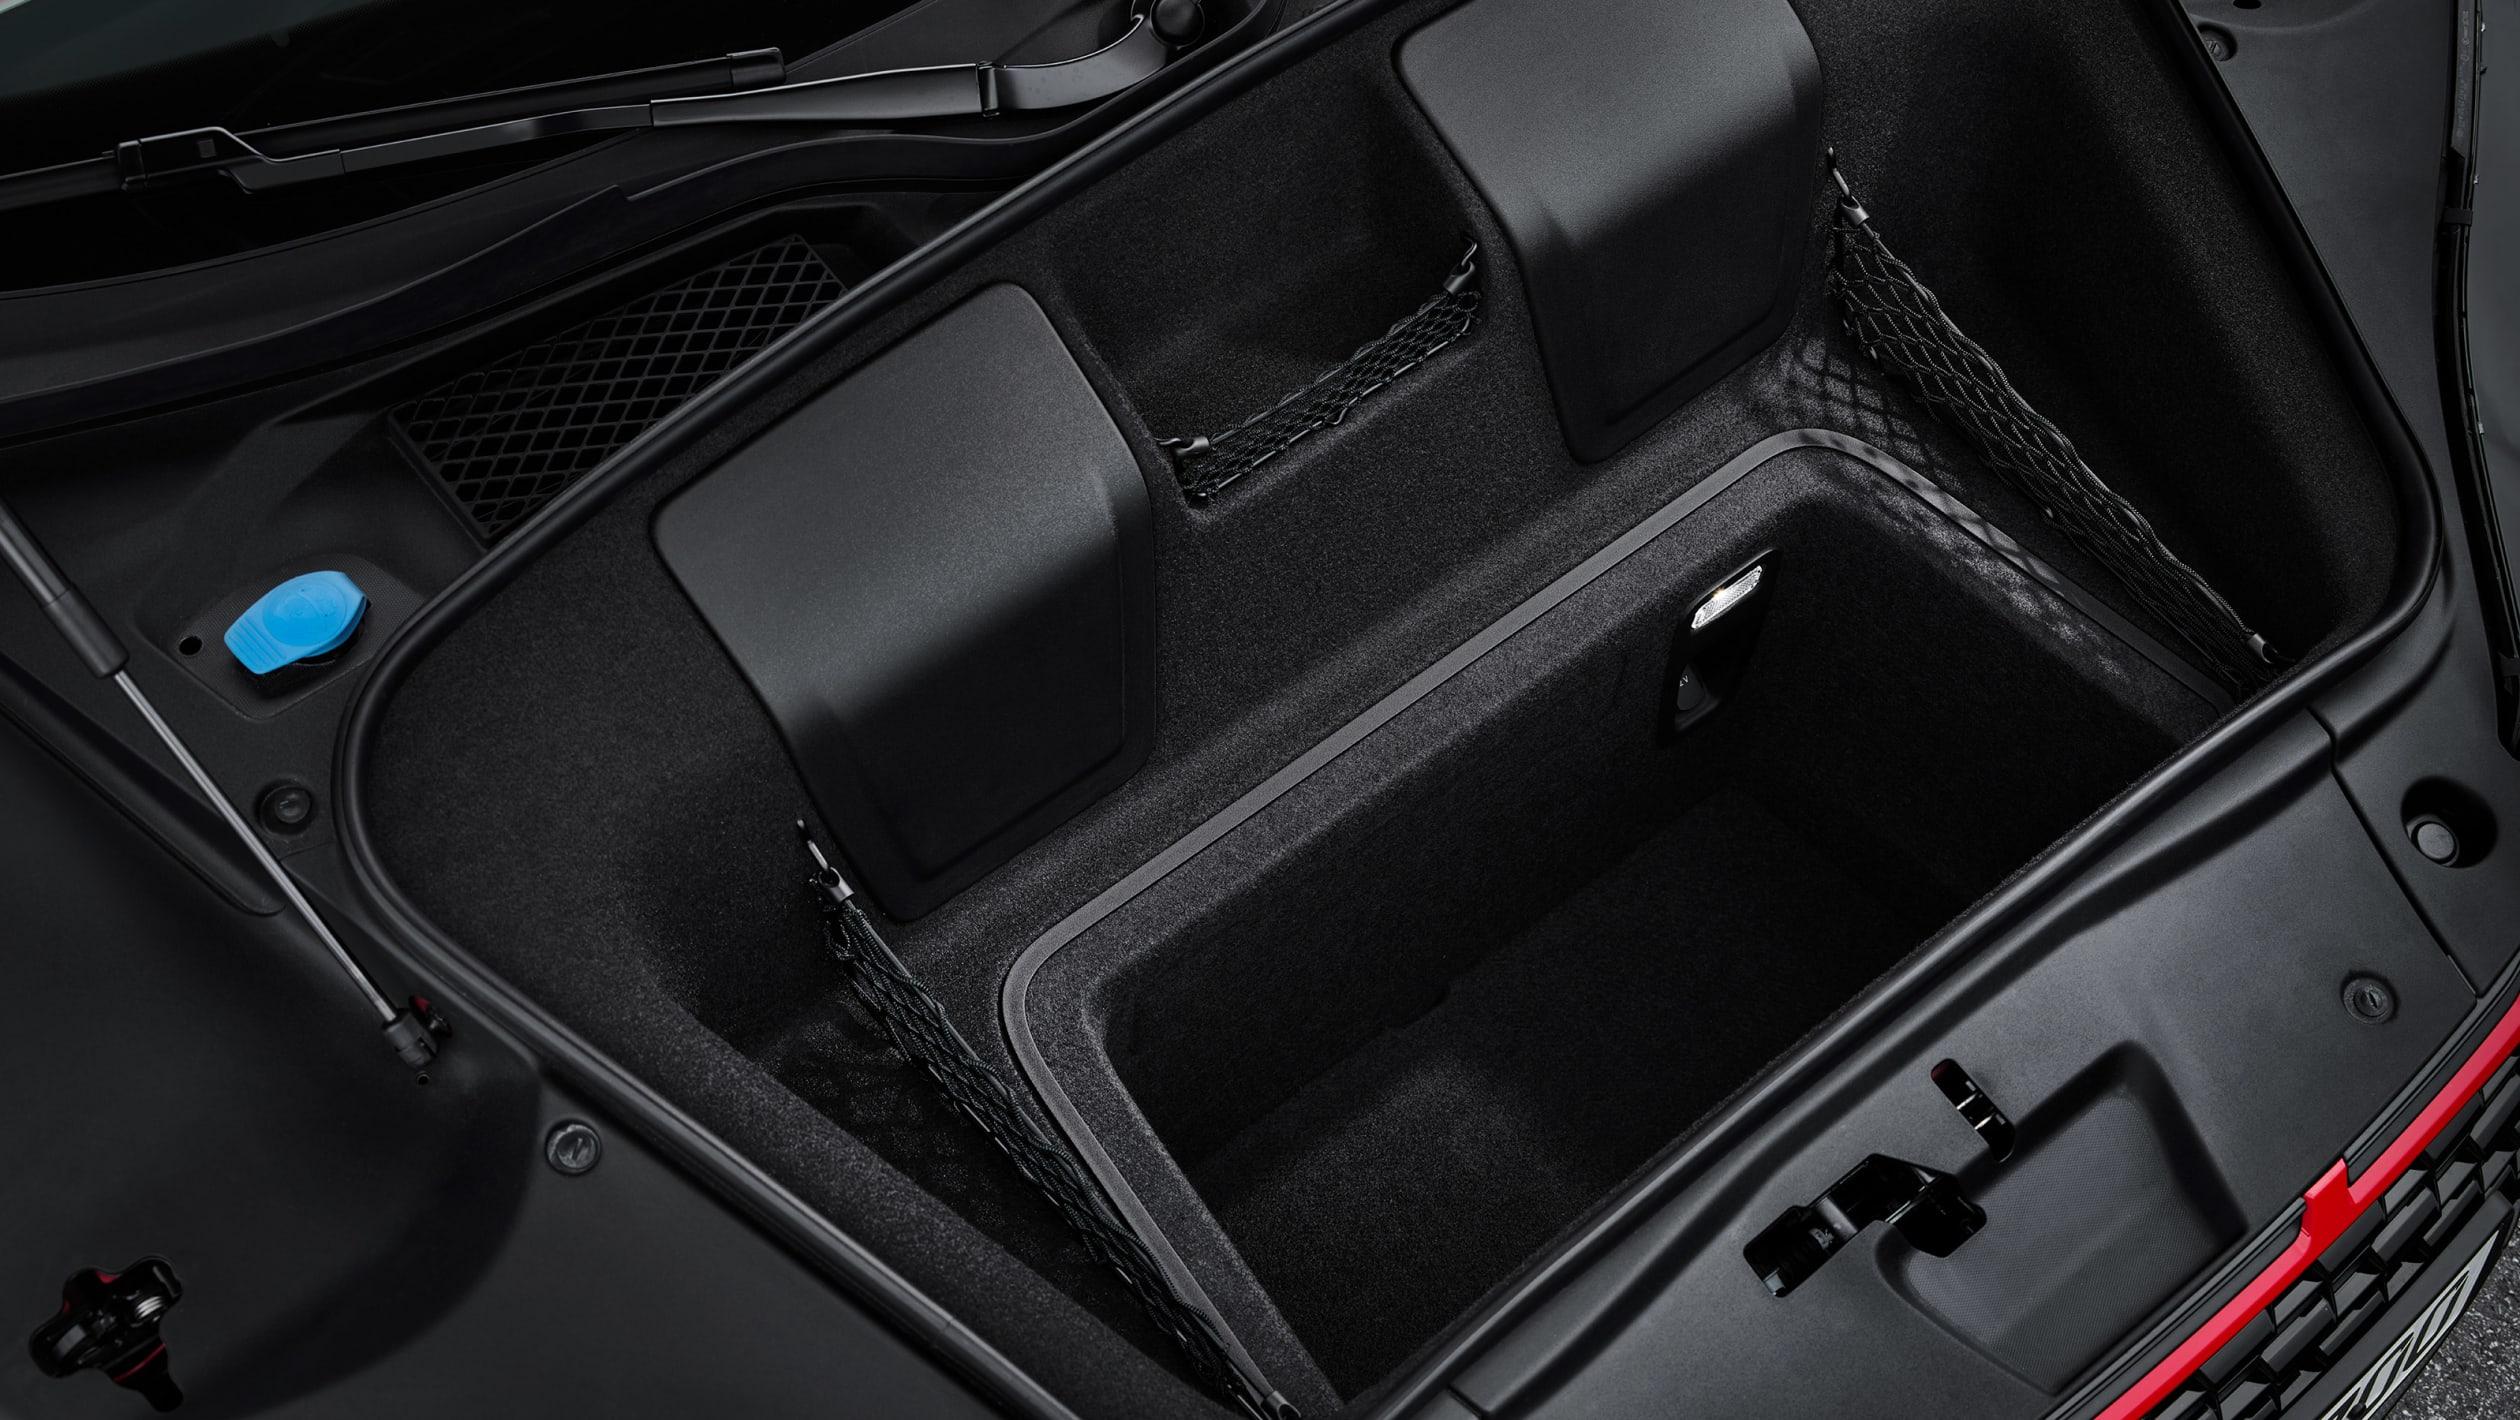 Однако за дополнительные деньги приходит большая мощность. Используя тот же атмосферный 5,2-литровый двигатель V10, R8 V10 Performance RWD выдает 562 л.с., что на 29 л.с. больше, чем у предыдущего R8 V10. Крутящий момент составляет 550 Нм.